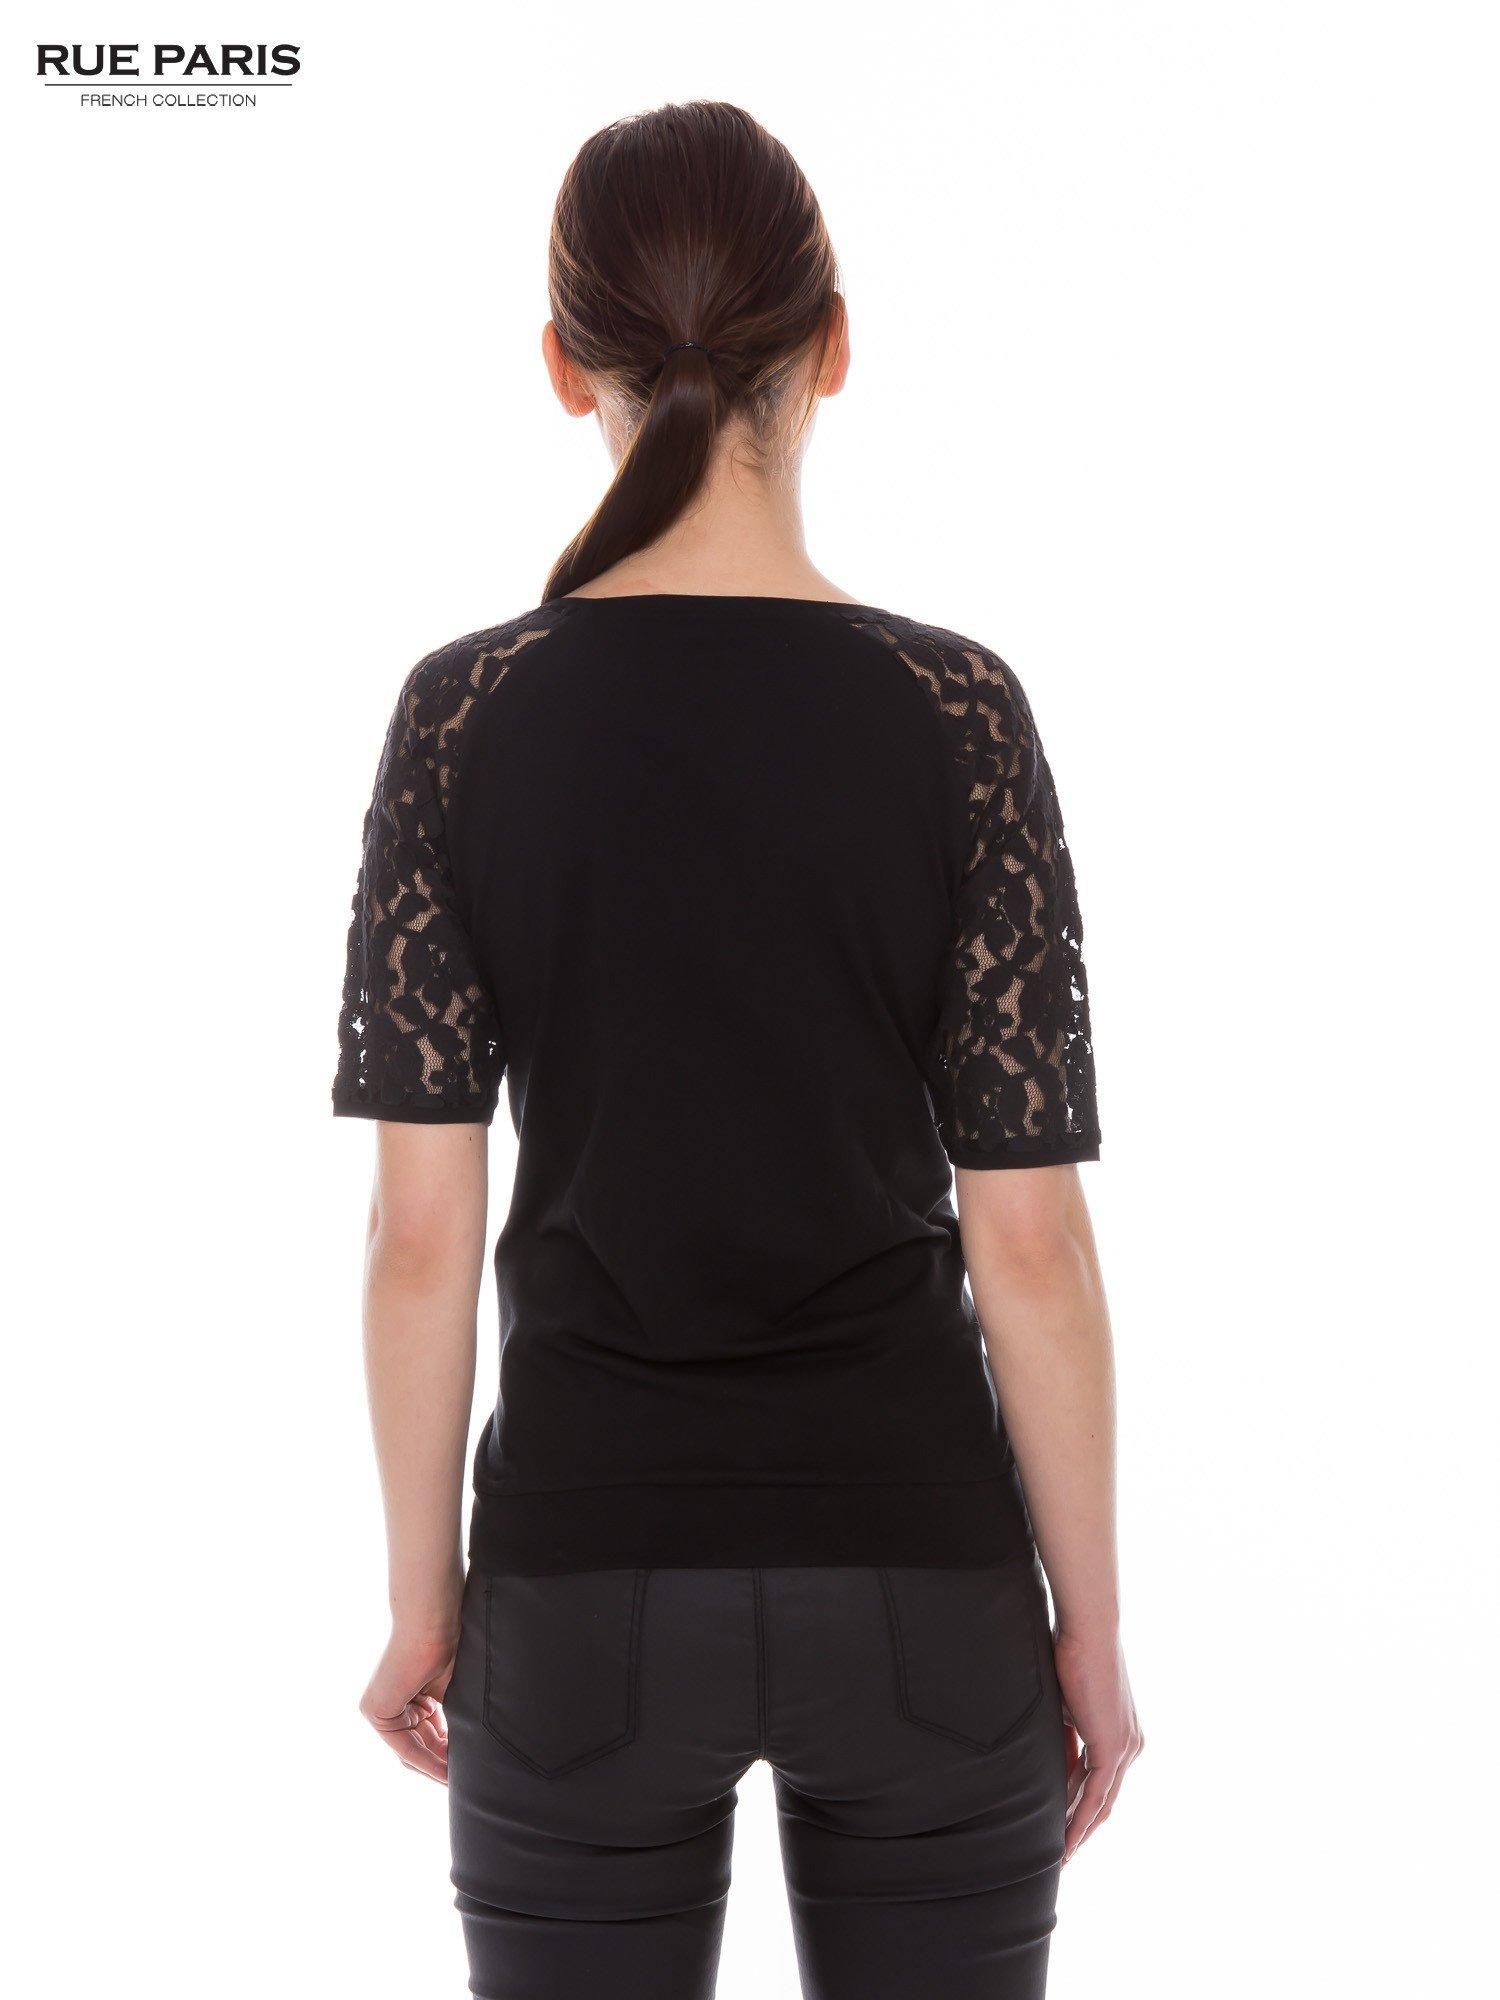 Czarny t-shirt z koronkowymi rękawami długości 3/4                                  zdj.                                  4